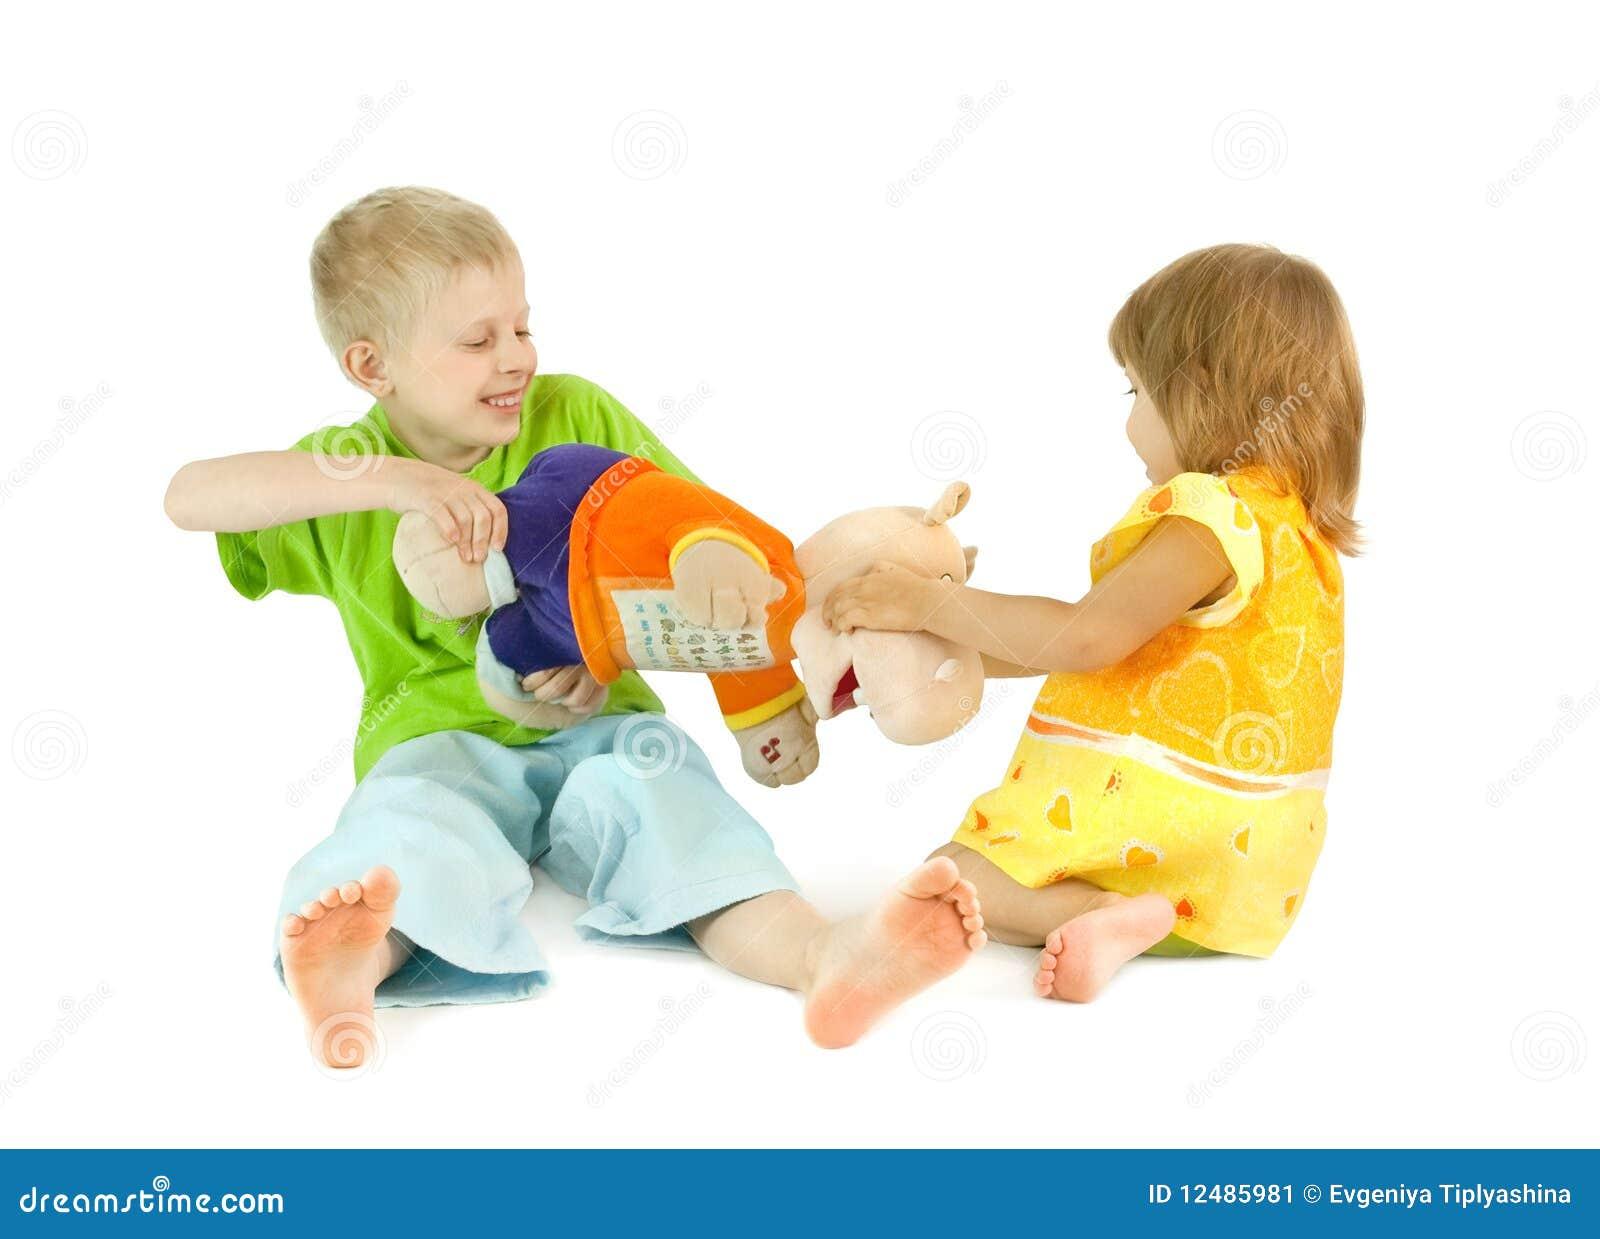 Kinder teilen ein spielzeug stockbild bild